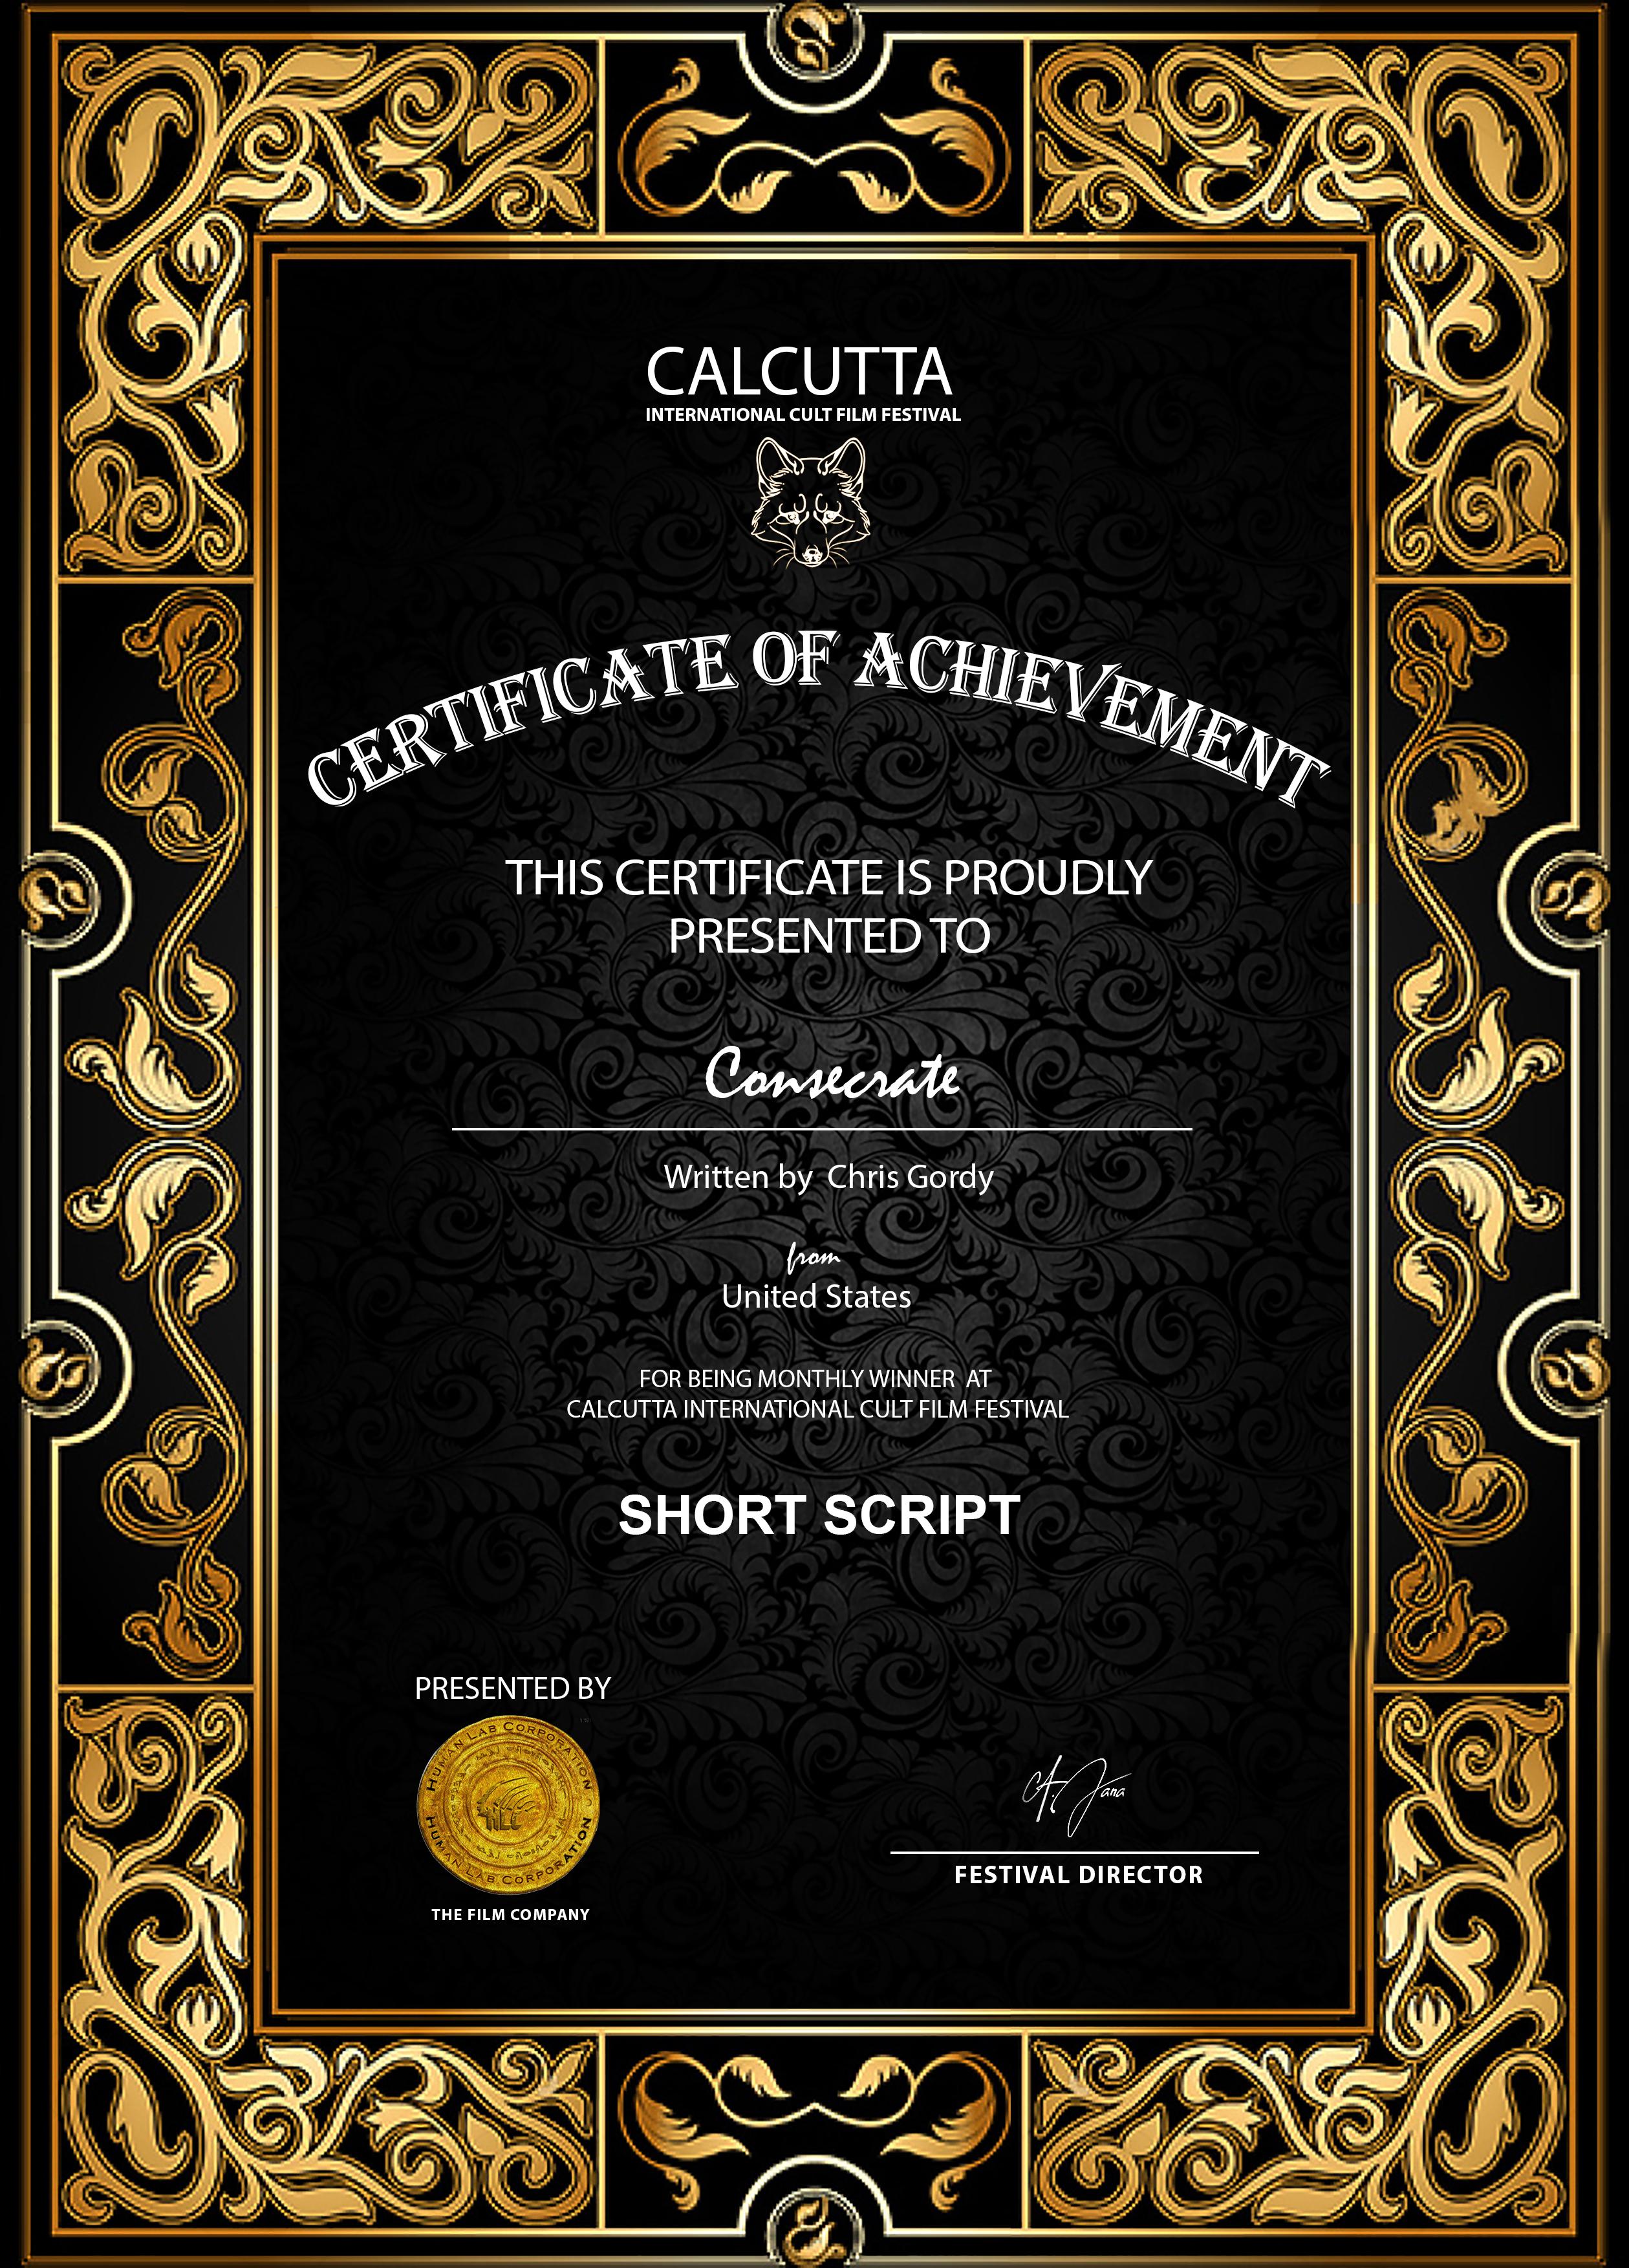 Calcutta Film Festival